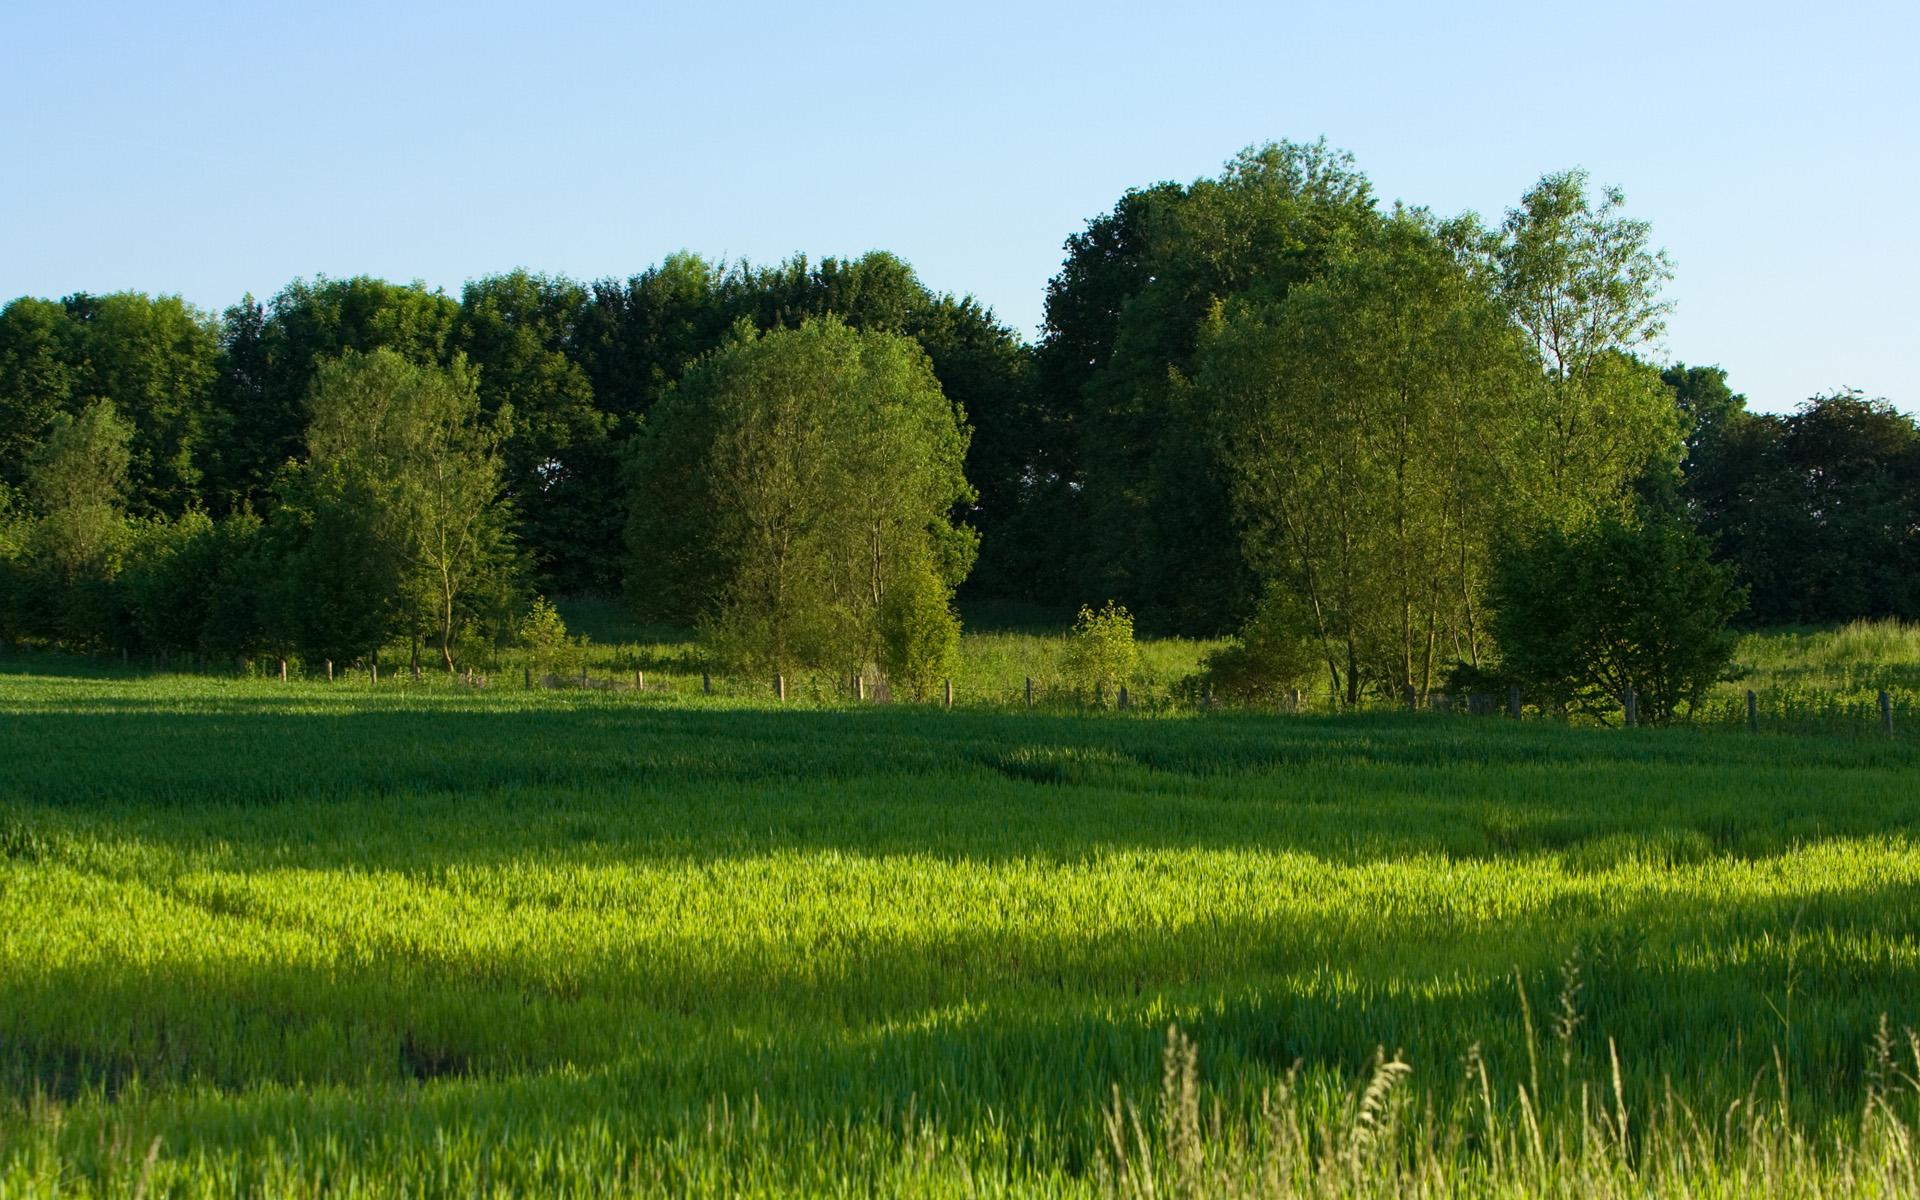 free grasslands wallpaper 39650